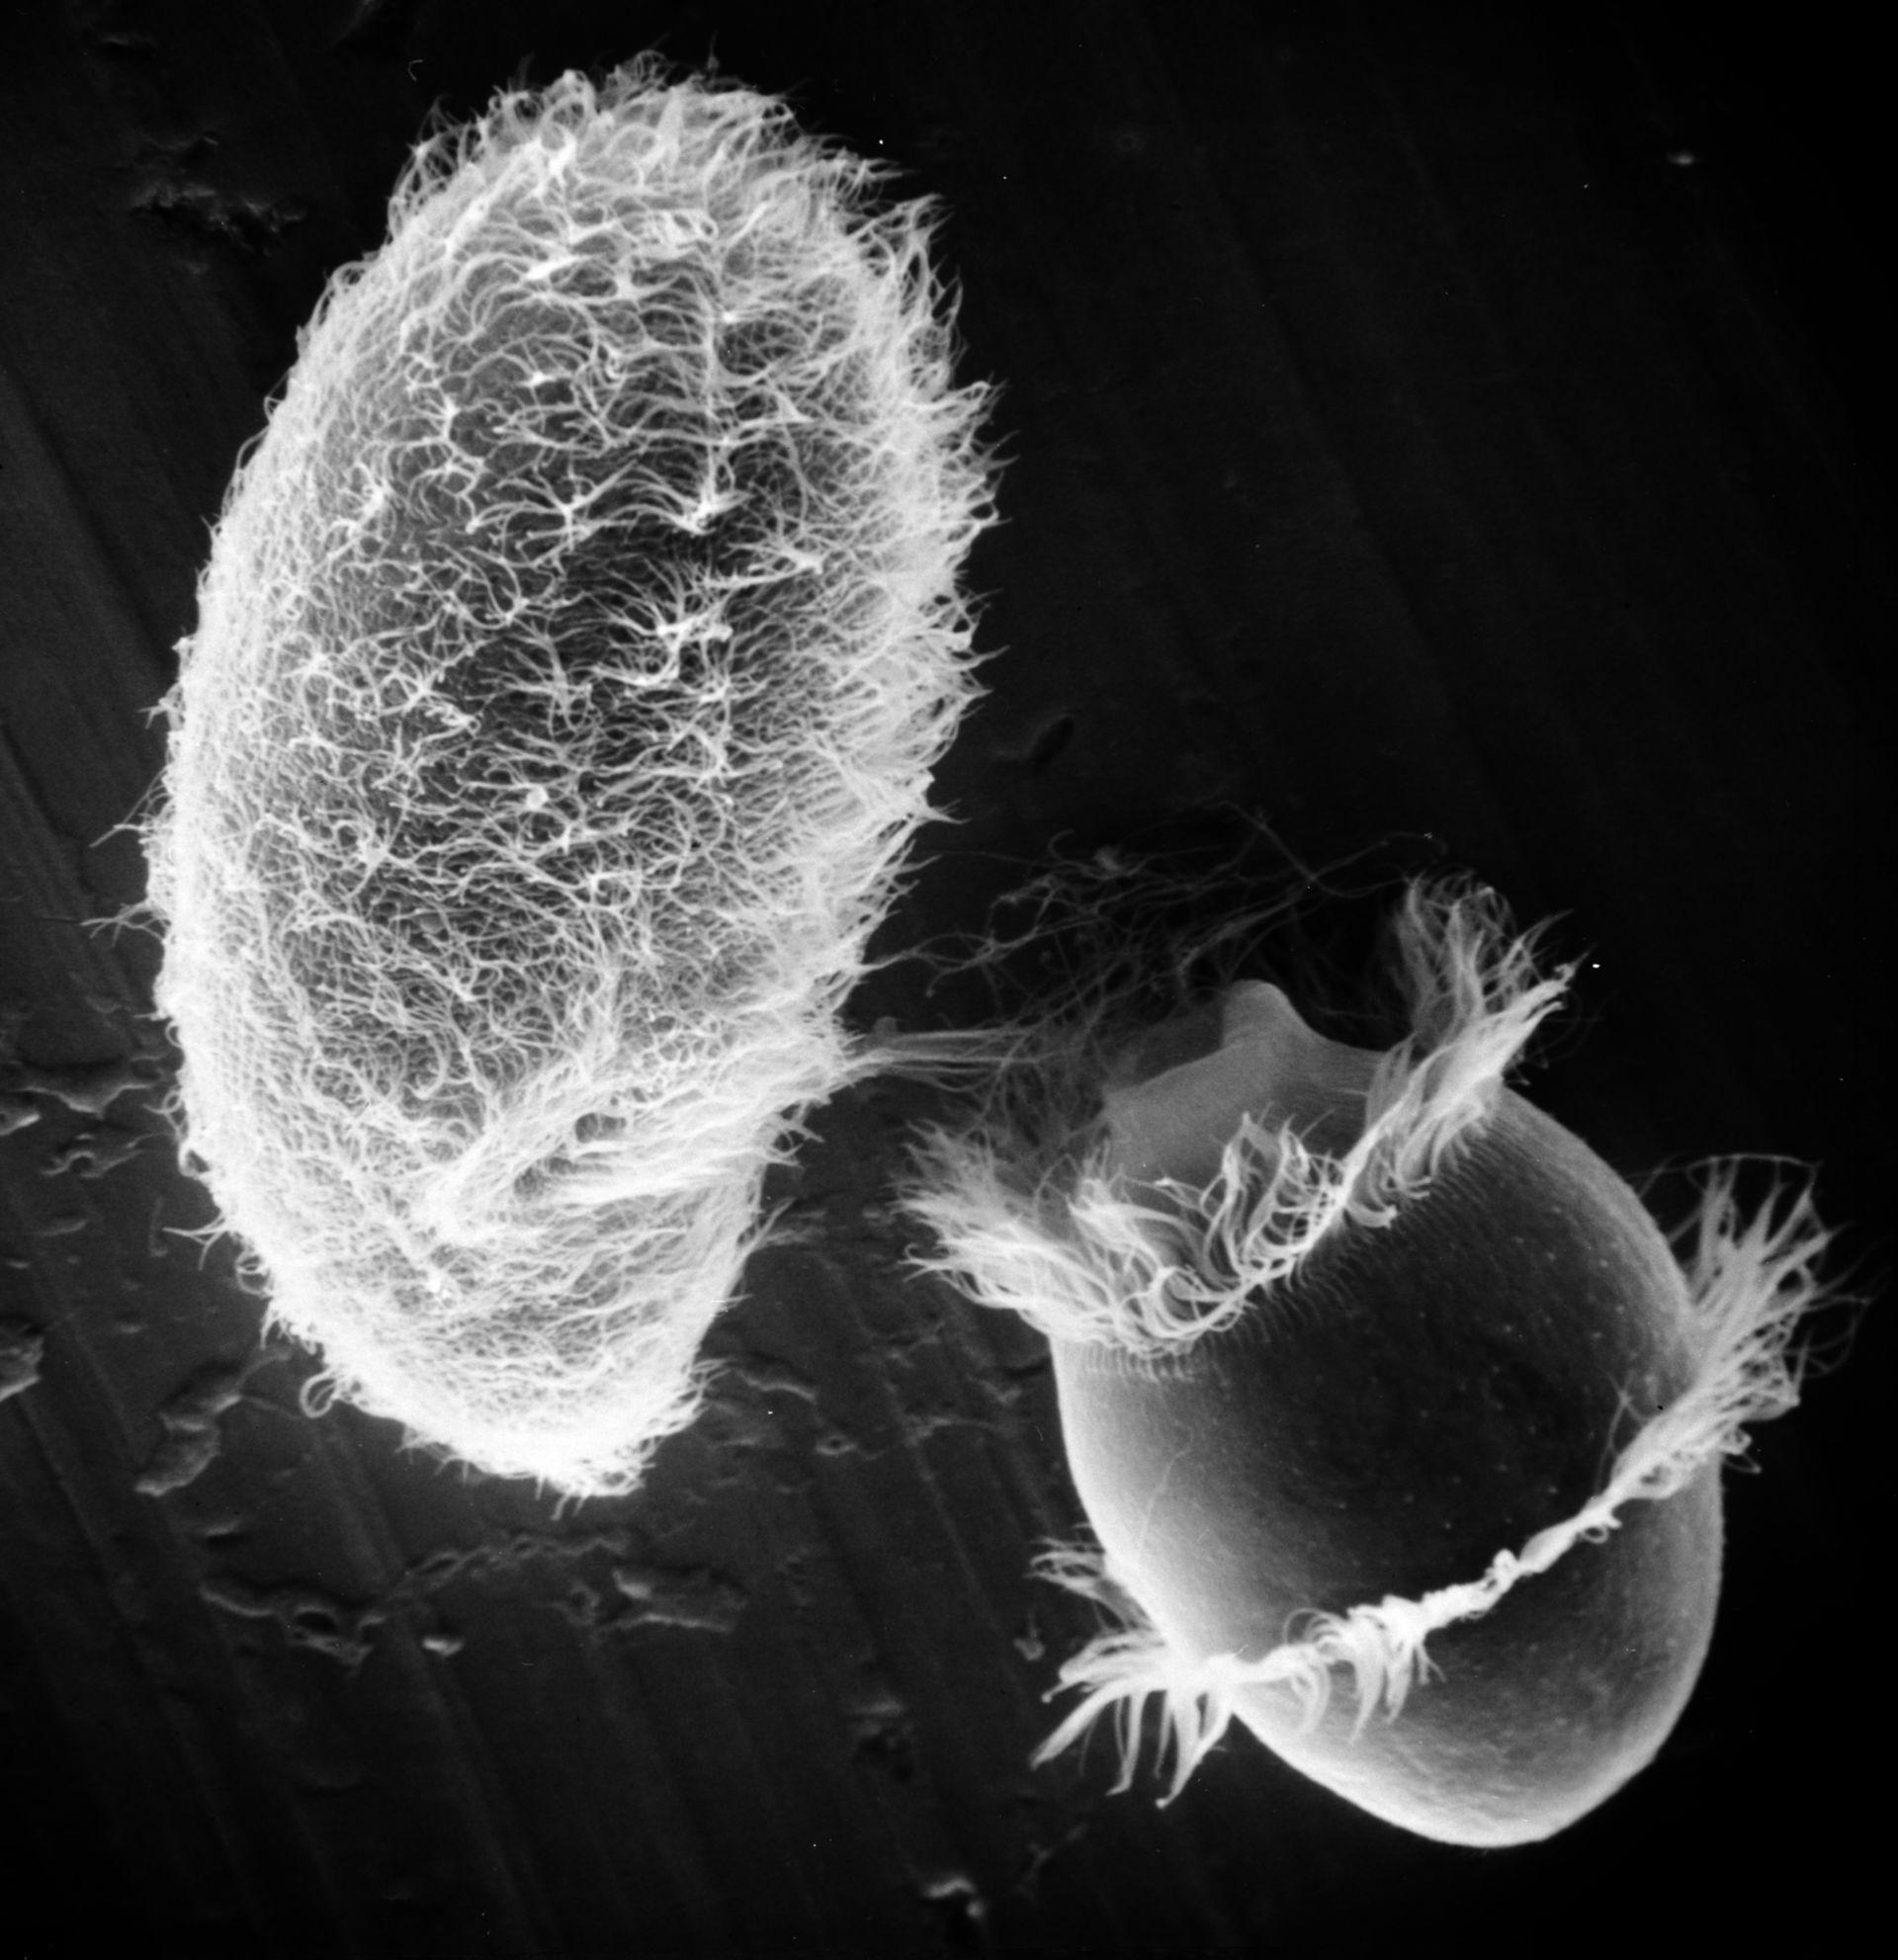 Paramecium sp. (superficie cellulare) - CIL:21993